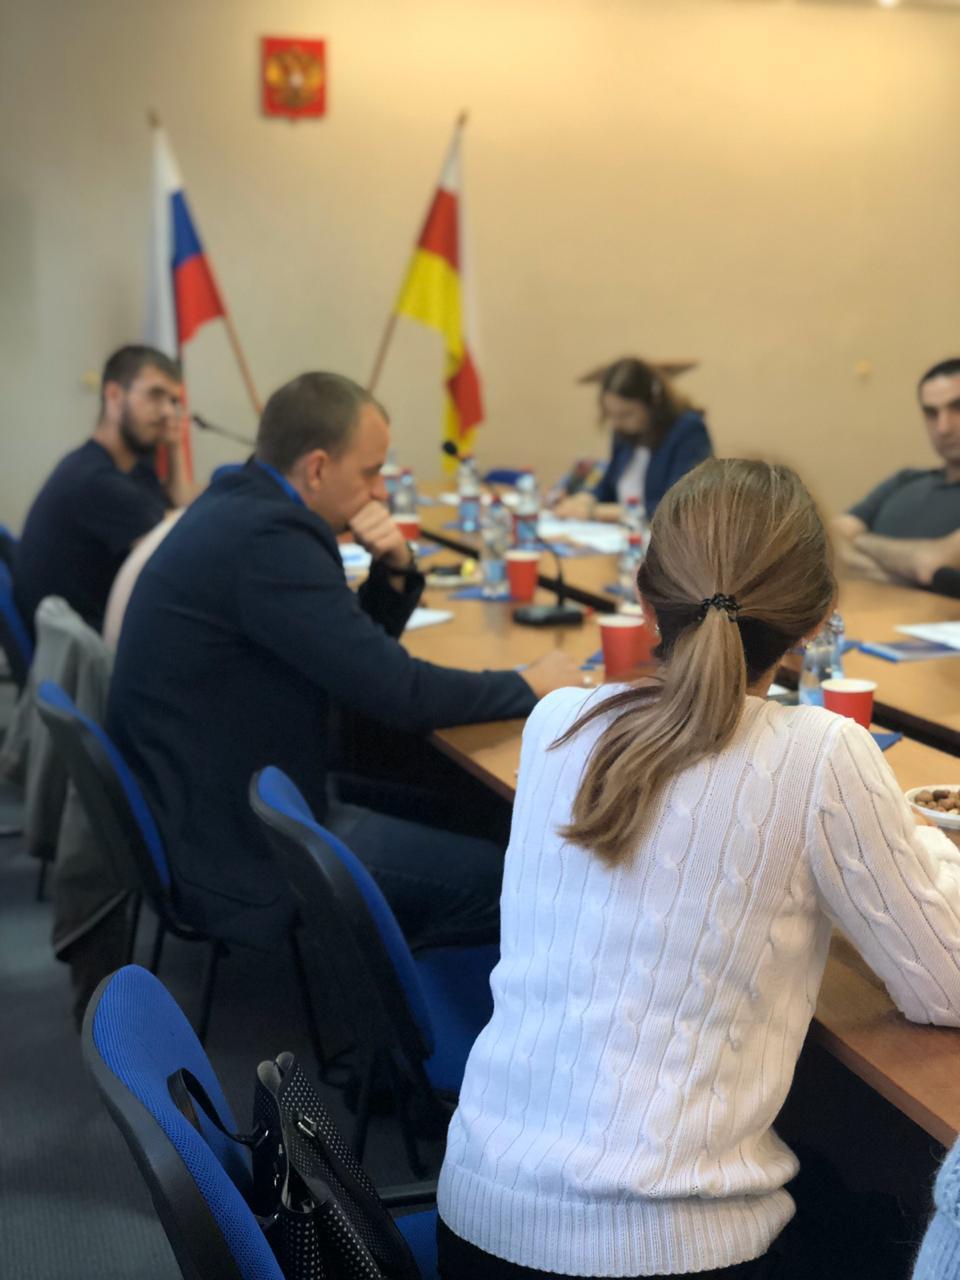 27  сентября  2019 года Центром поддержки экспорта Республики Северная Осетия-Алания организован и проведен семинар «Таможенное регулирование экспорта»    образовательной программы Российского экспортного центра.